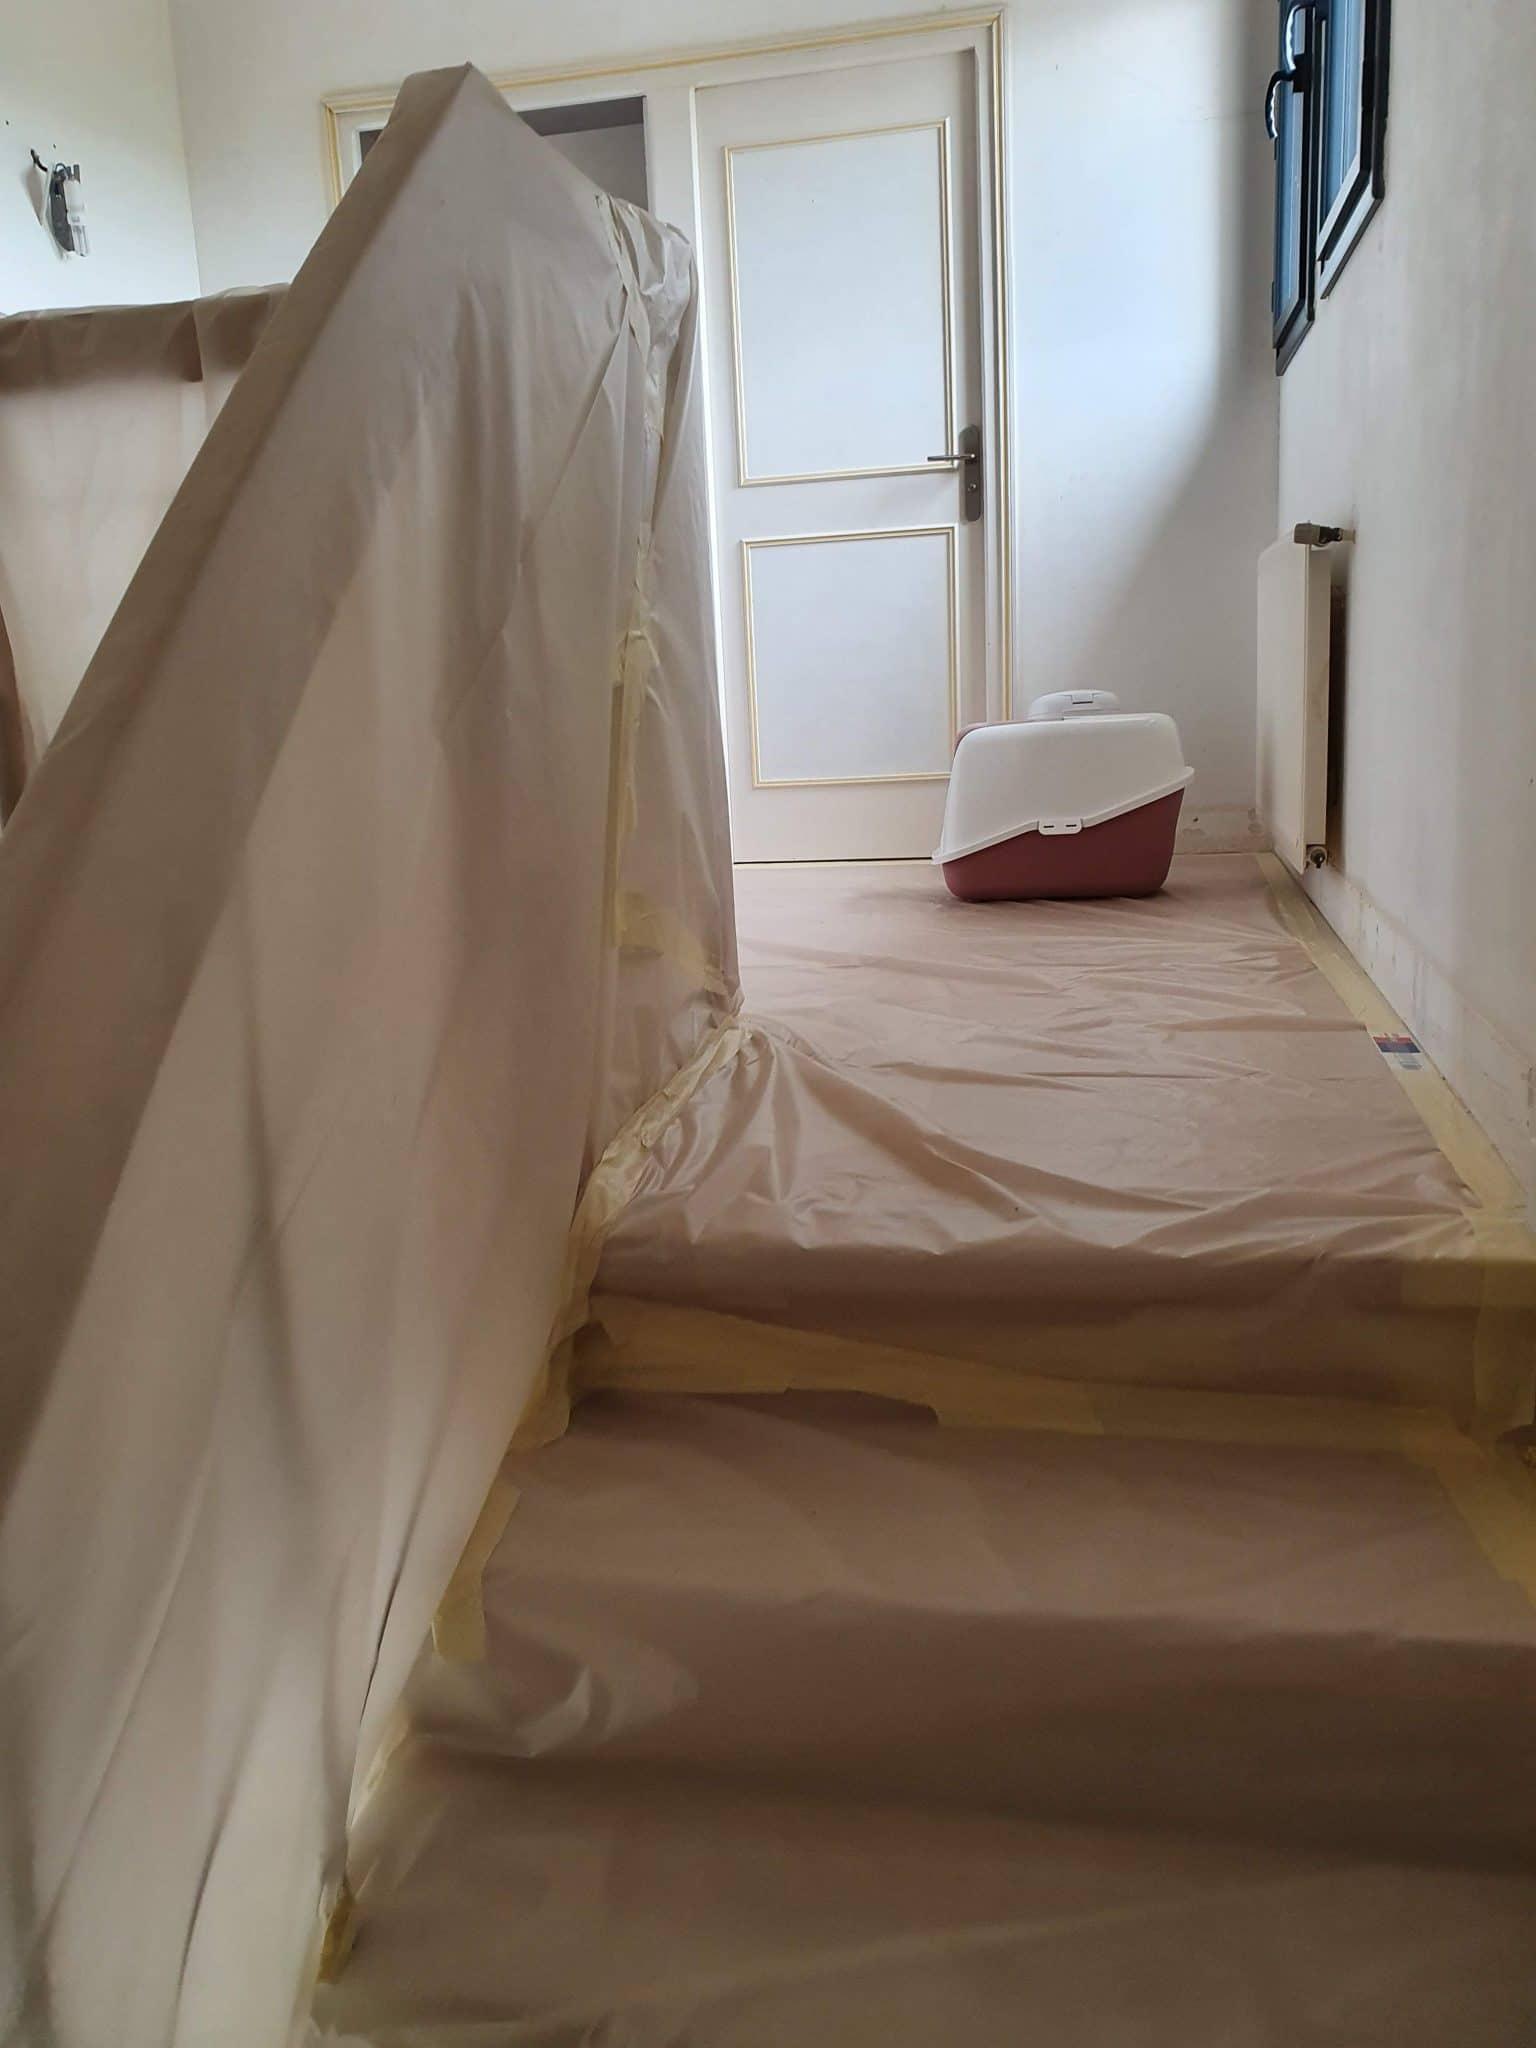 Rénovation d'une cage d'escalier à Angoulême (16)